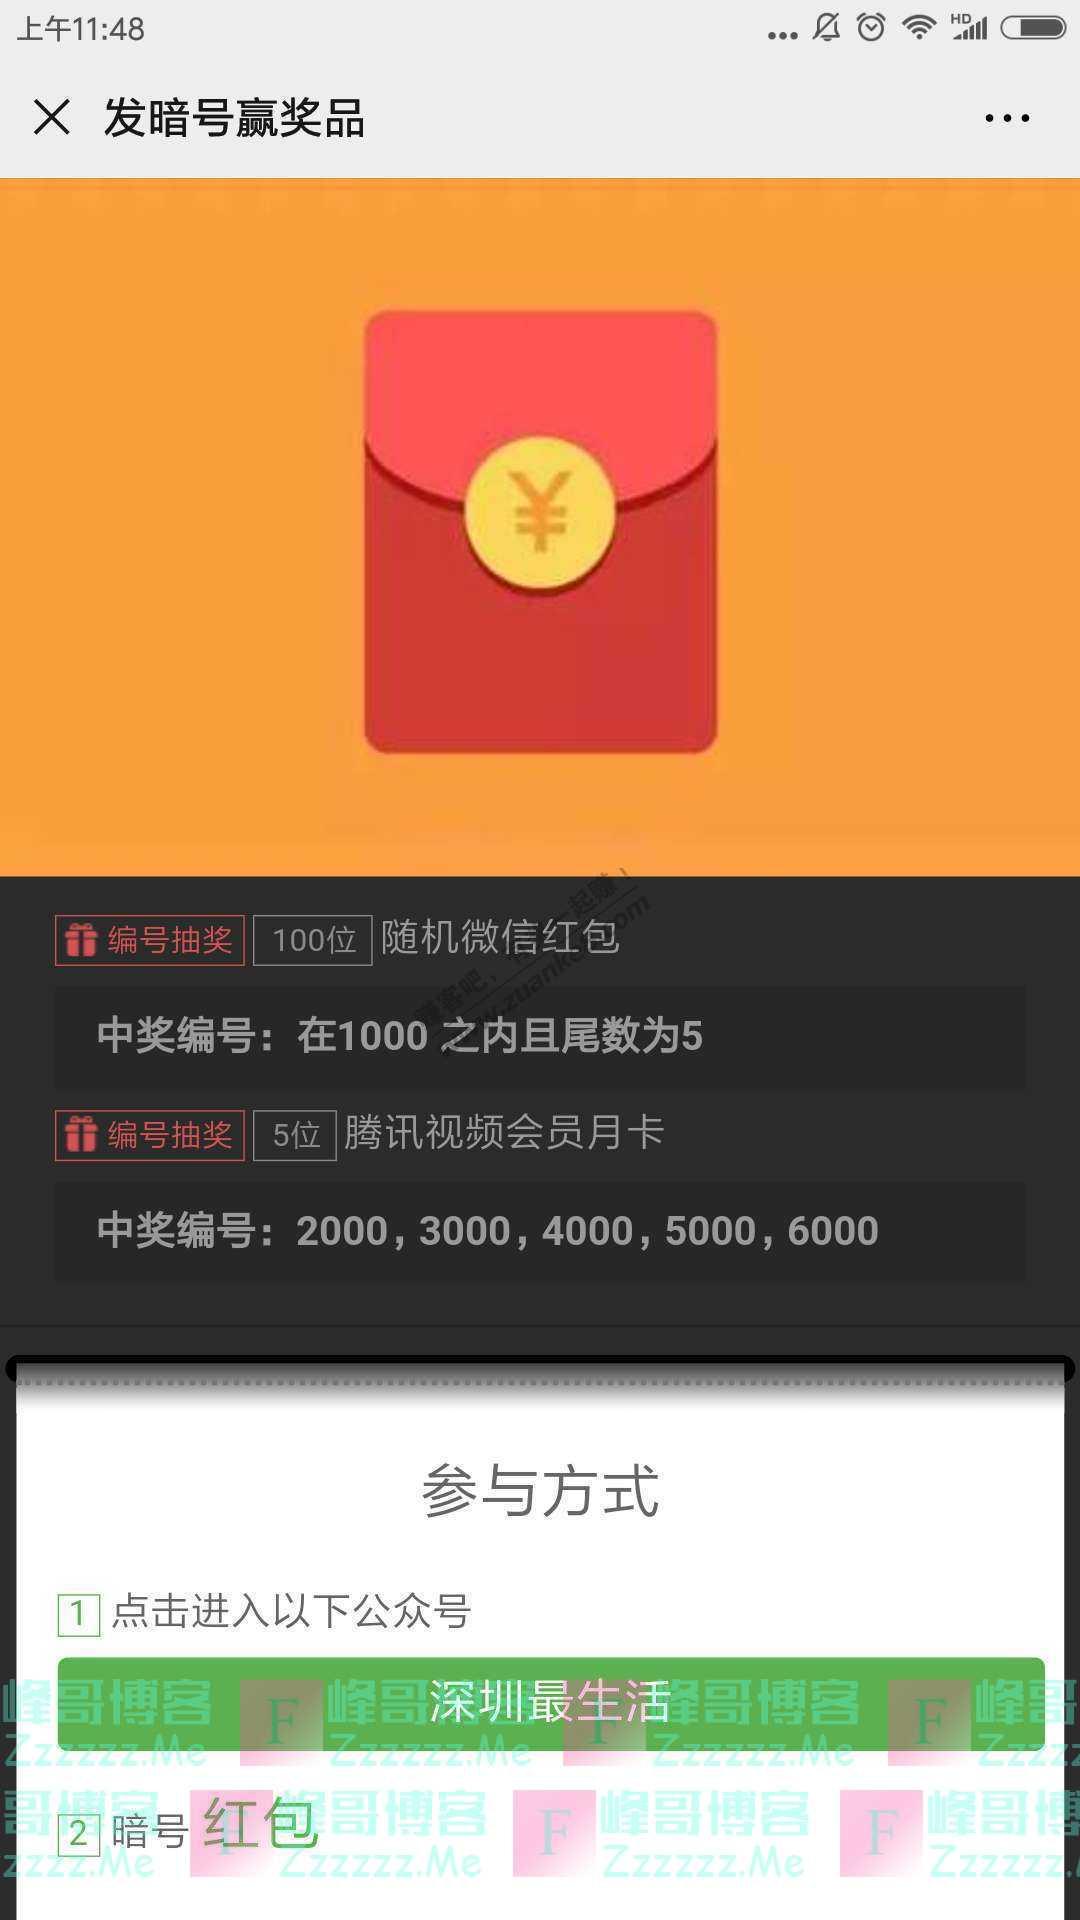 深圳最生活有点萌!2021版熊猫纪念币今天发行(截止10月30日)